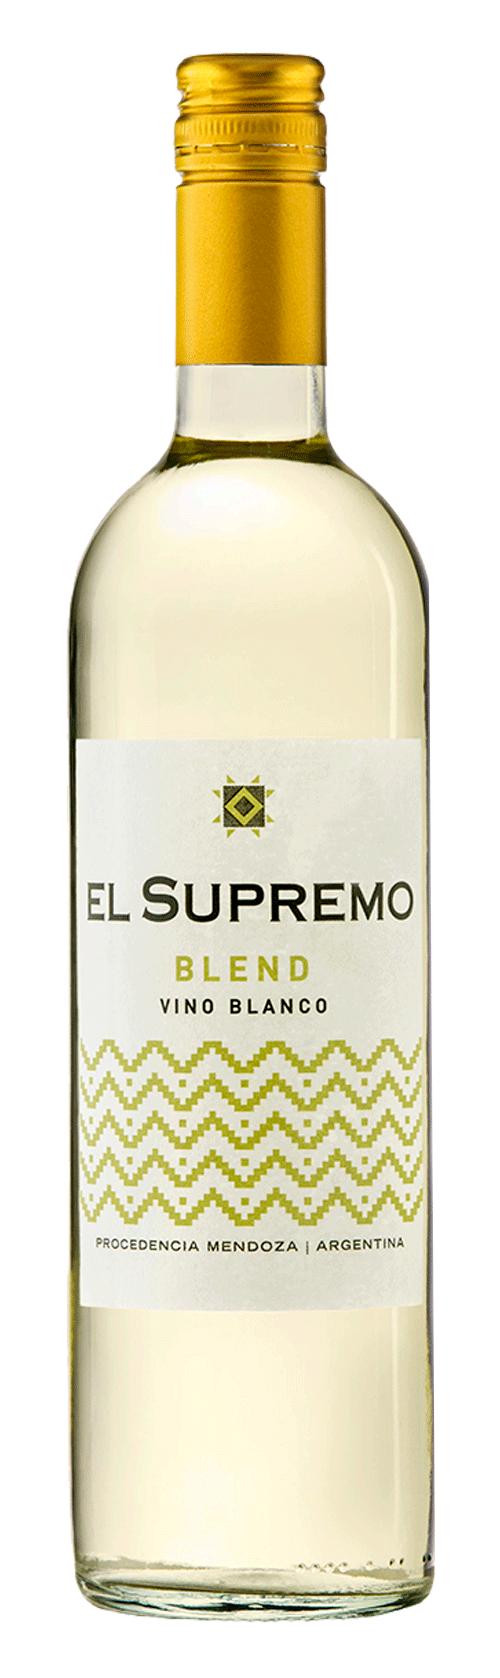 El Supremo Blend Branco 2018